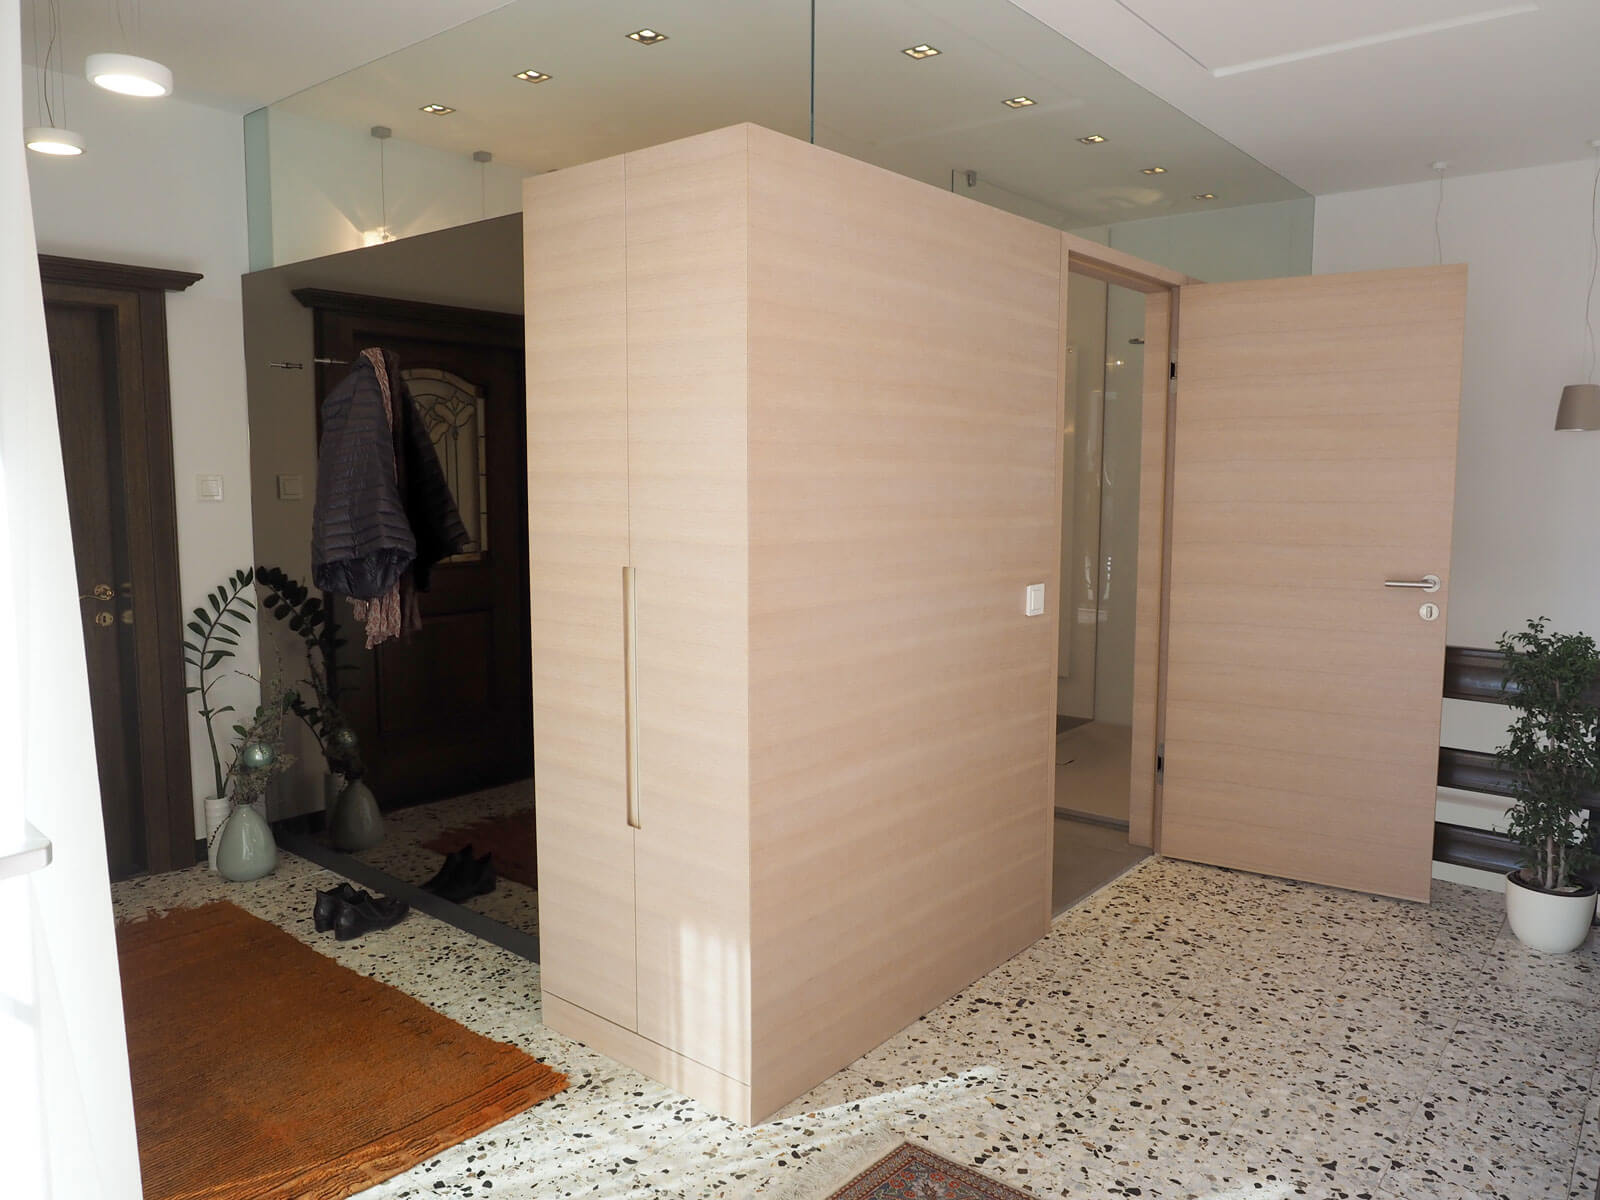 tischlerei ecker badezimmer in einer box tischlerei ecker wien raiding. Black Bedroom Furniture Sets. Home Design Ideas